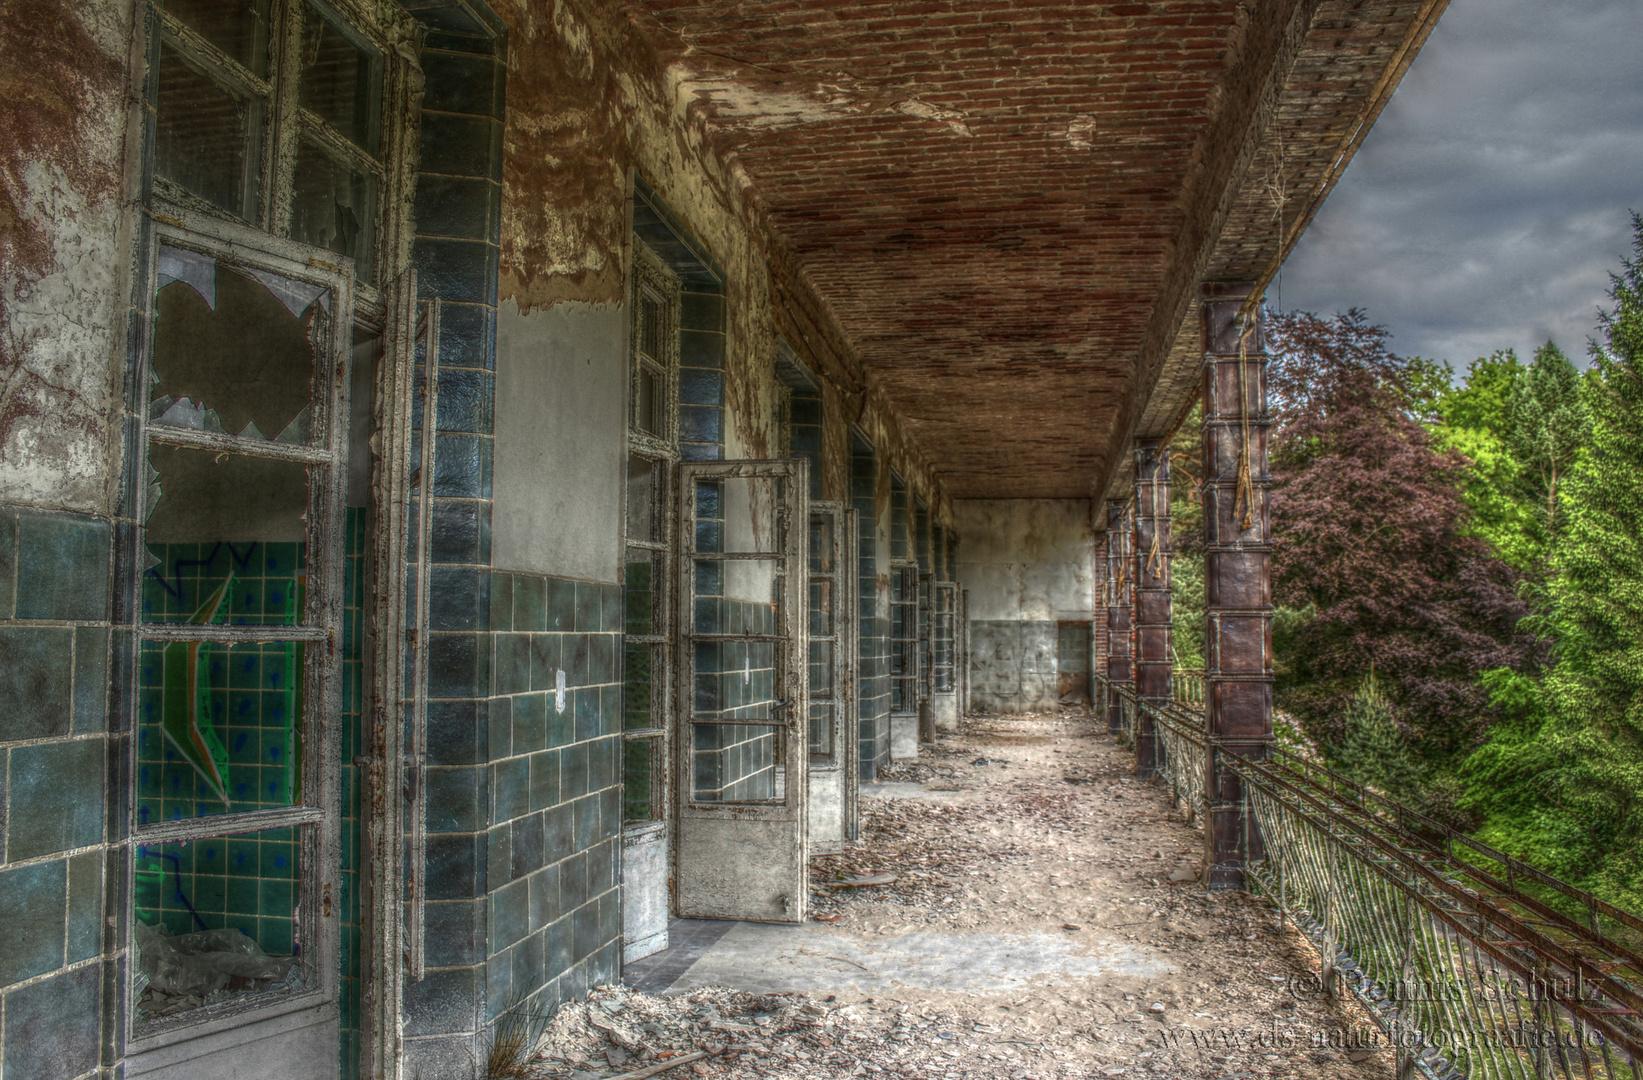 Beelitz Heilstätten Chirugie Balkon